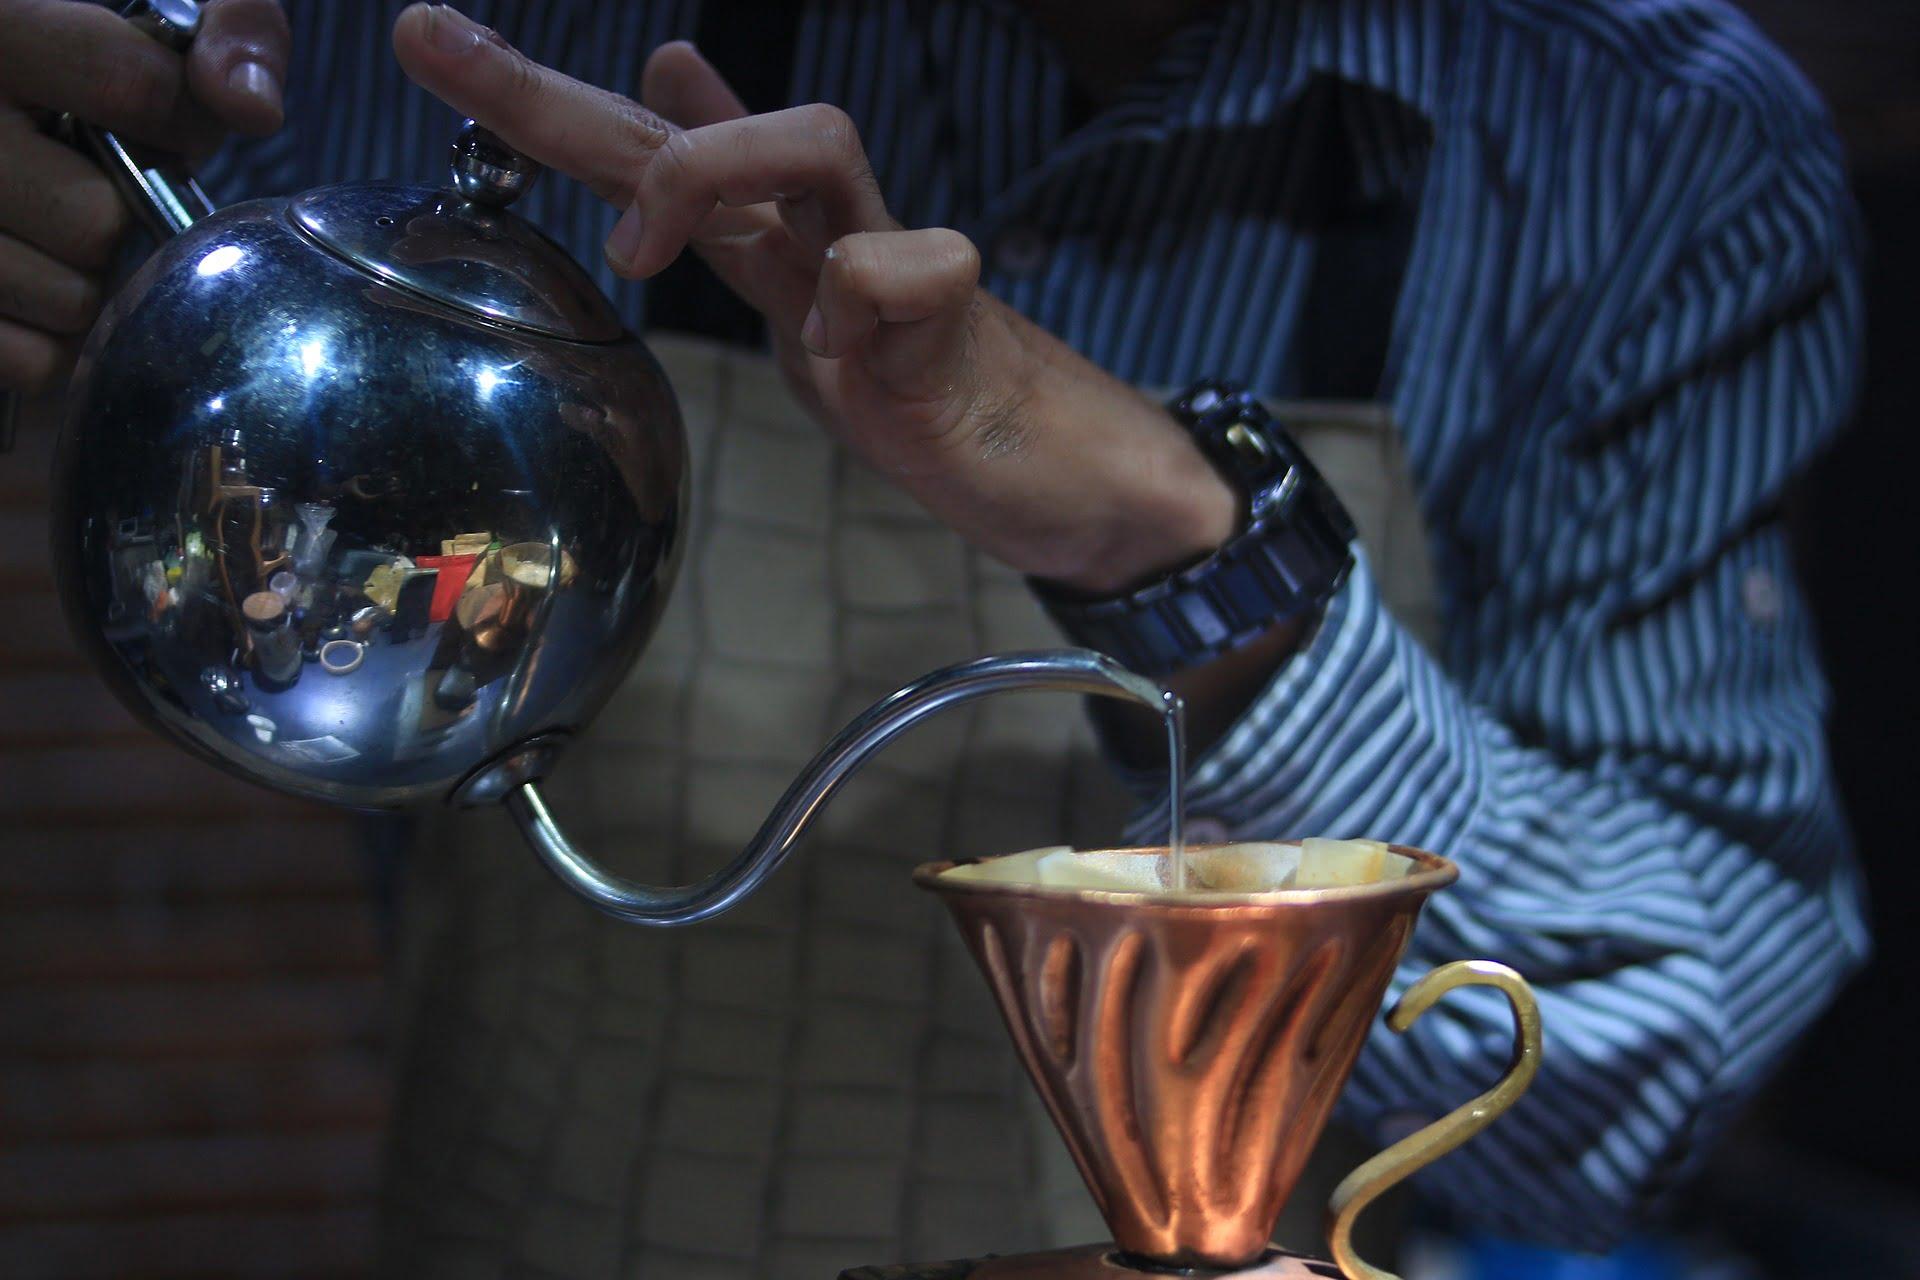 Café de especialidad tostado en Madrid: pura artesanía gourmet 8